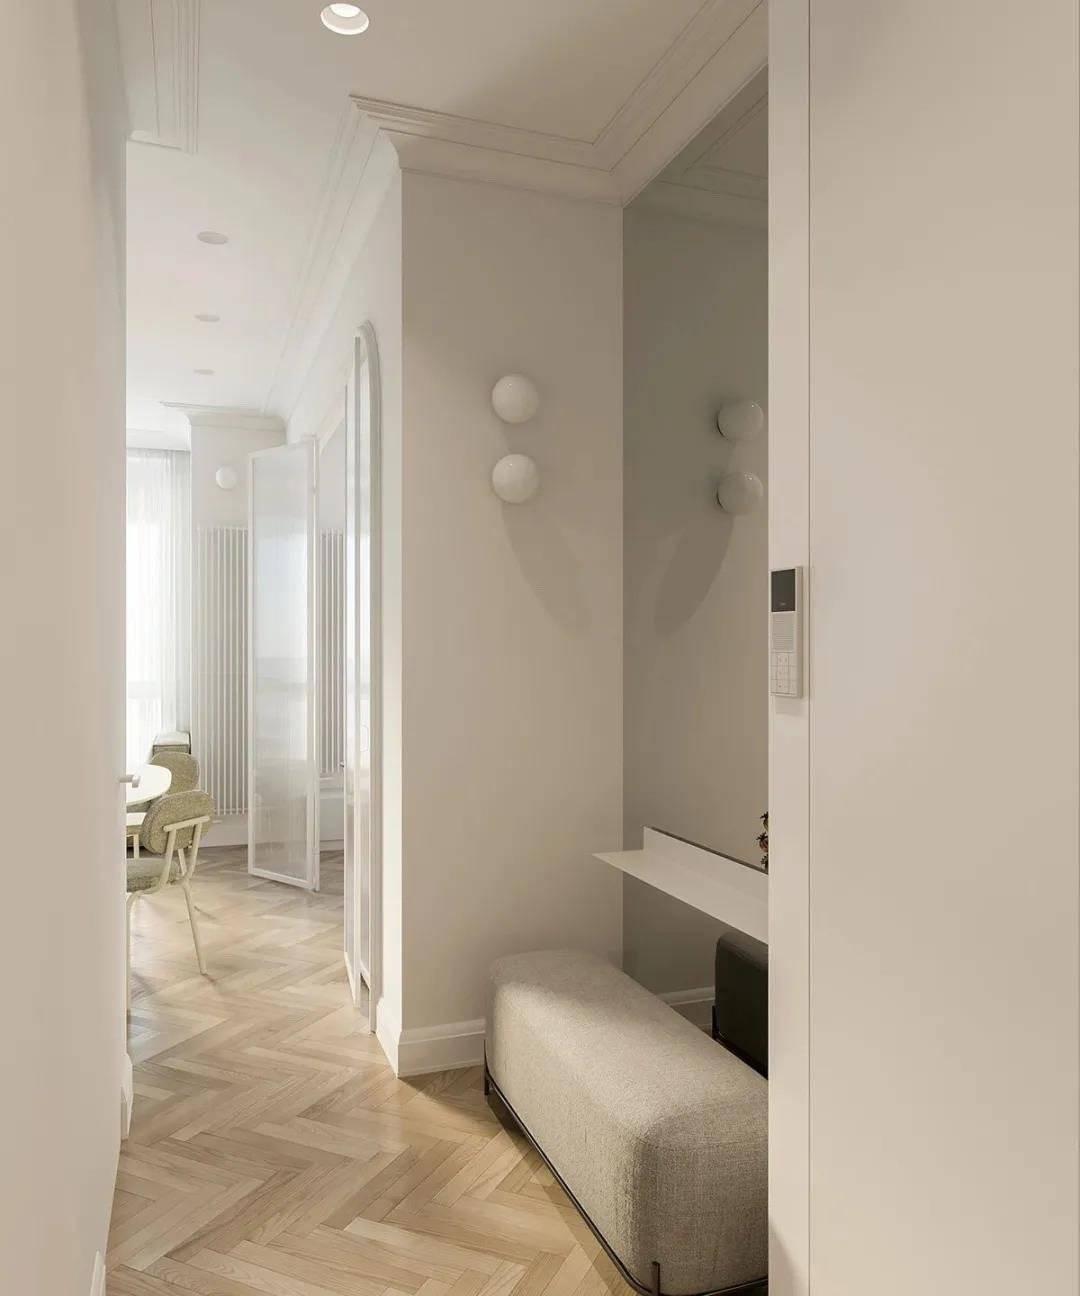 30㎡公寓用长虹玻璃隔绝,二线都会女孩的独居生活,原来这么精细